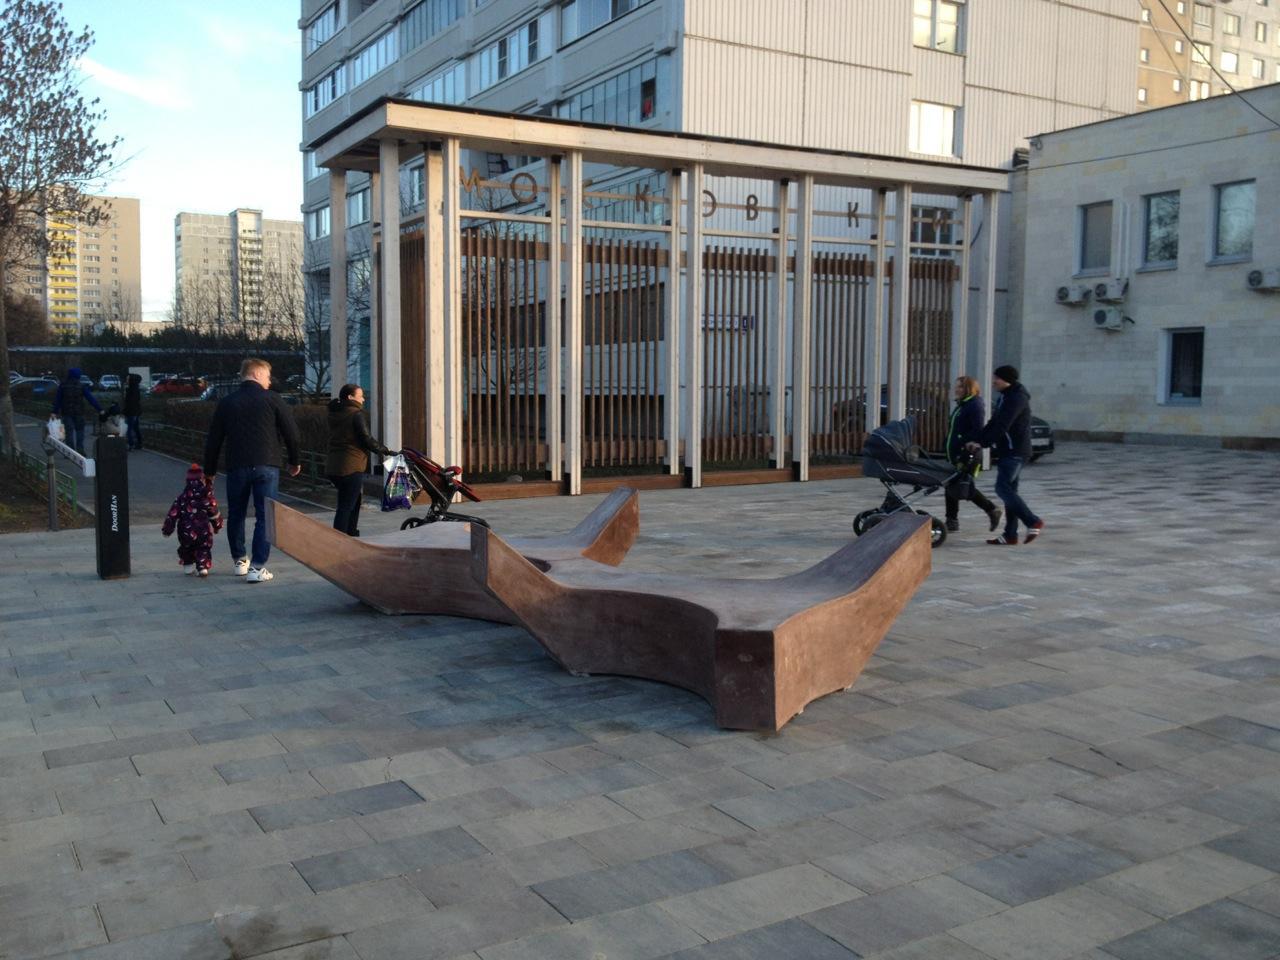 Противотанковые ежи около Администрации поселения Московский